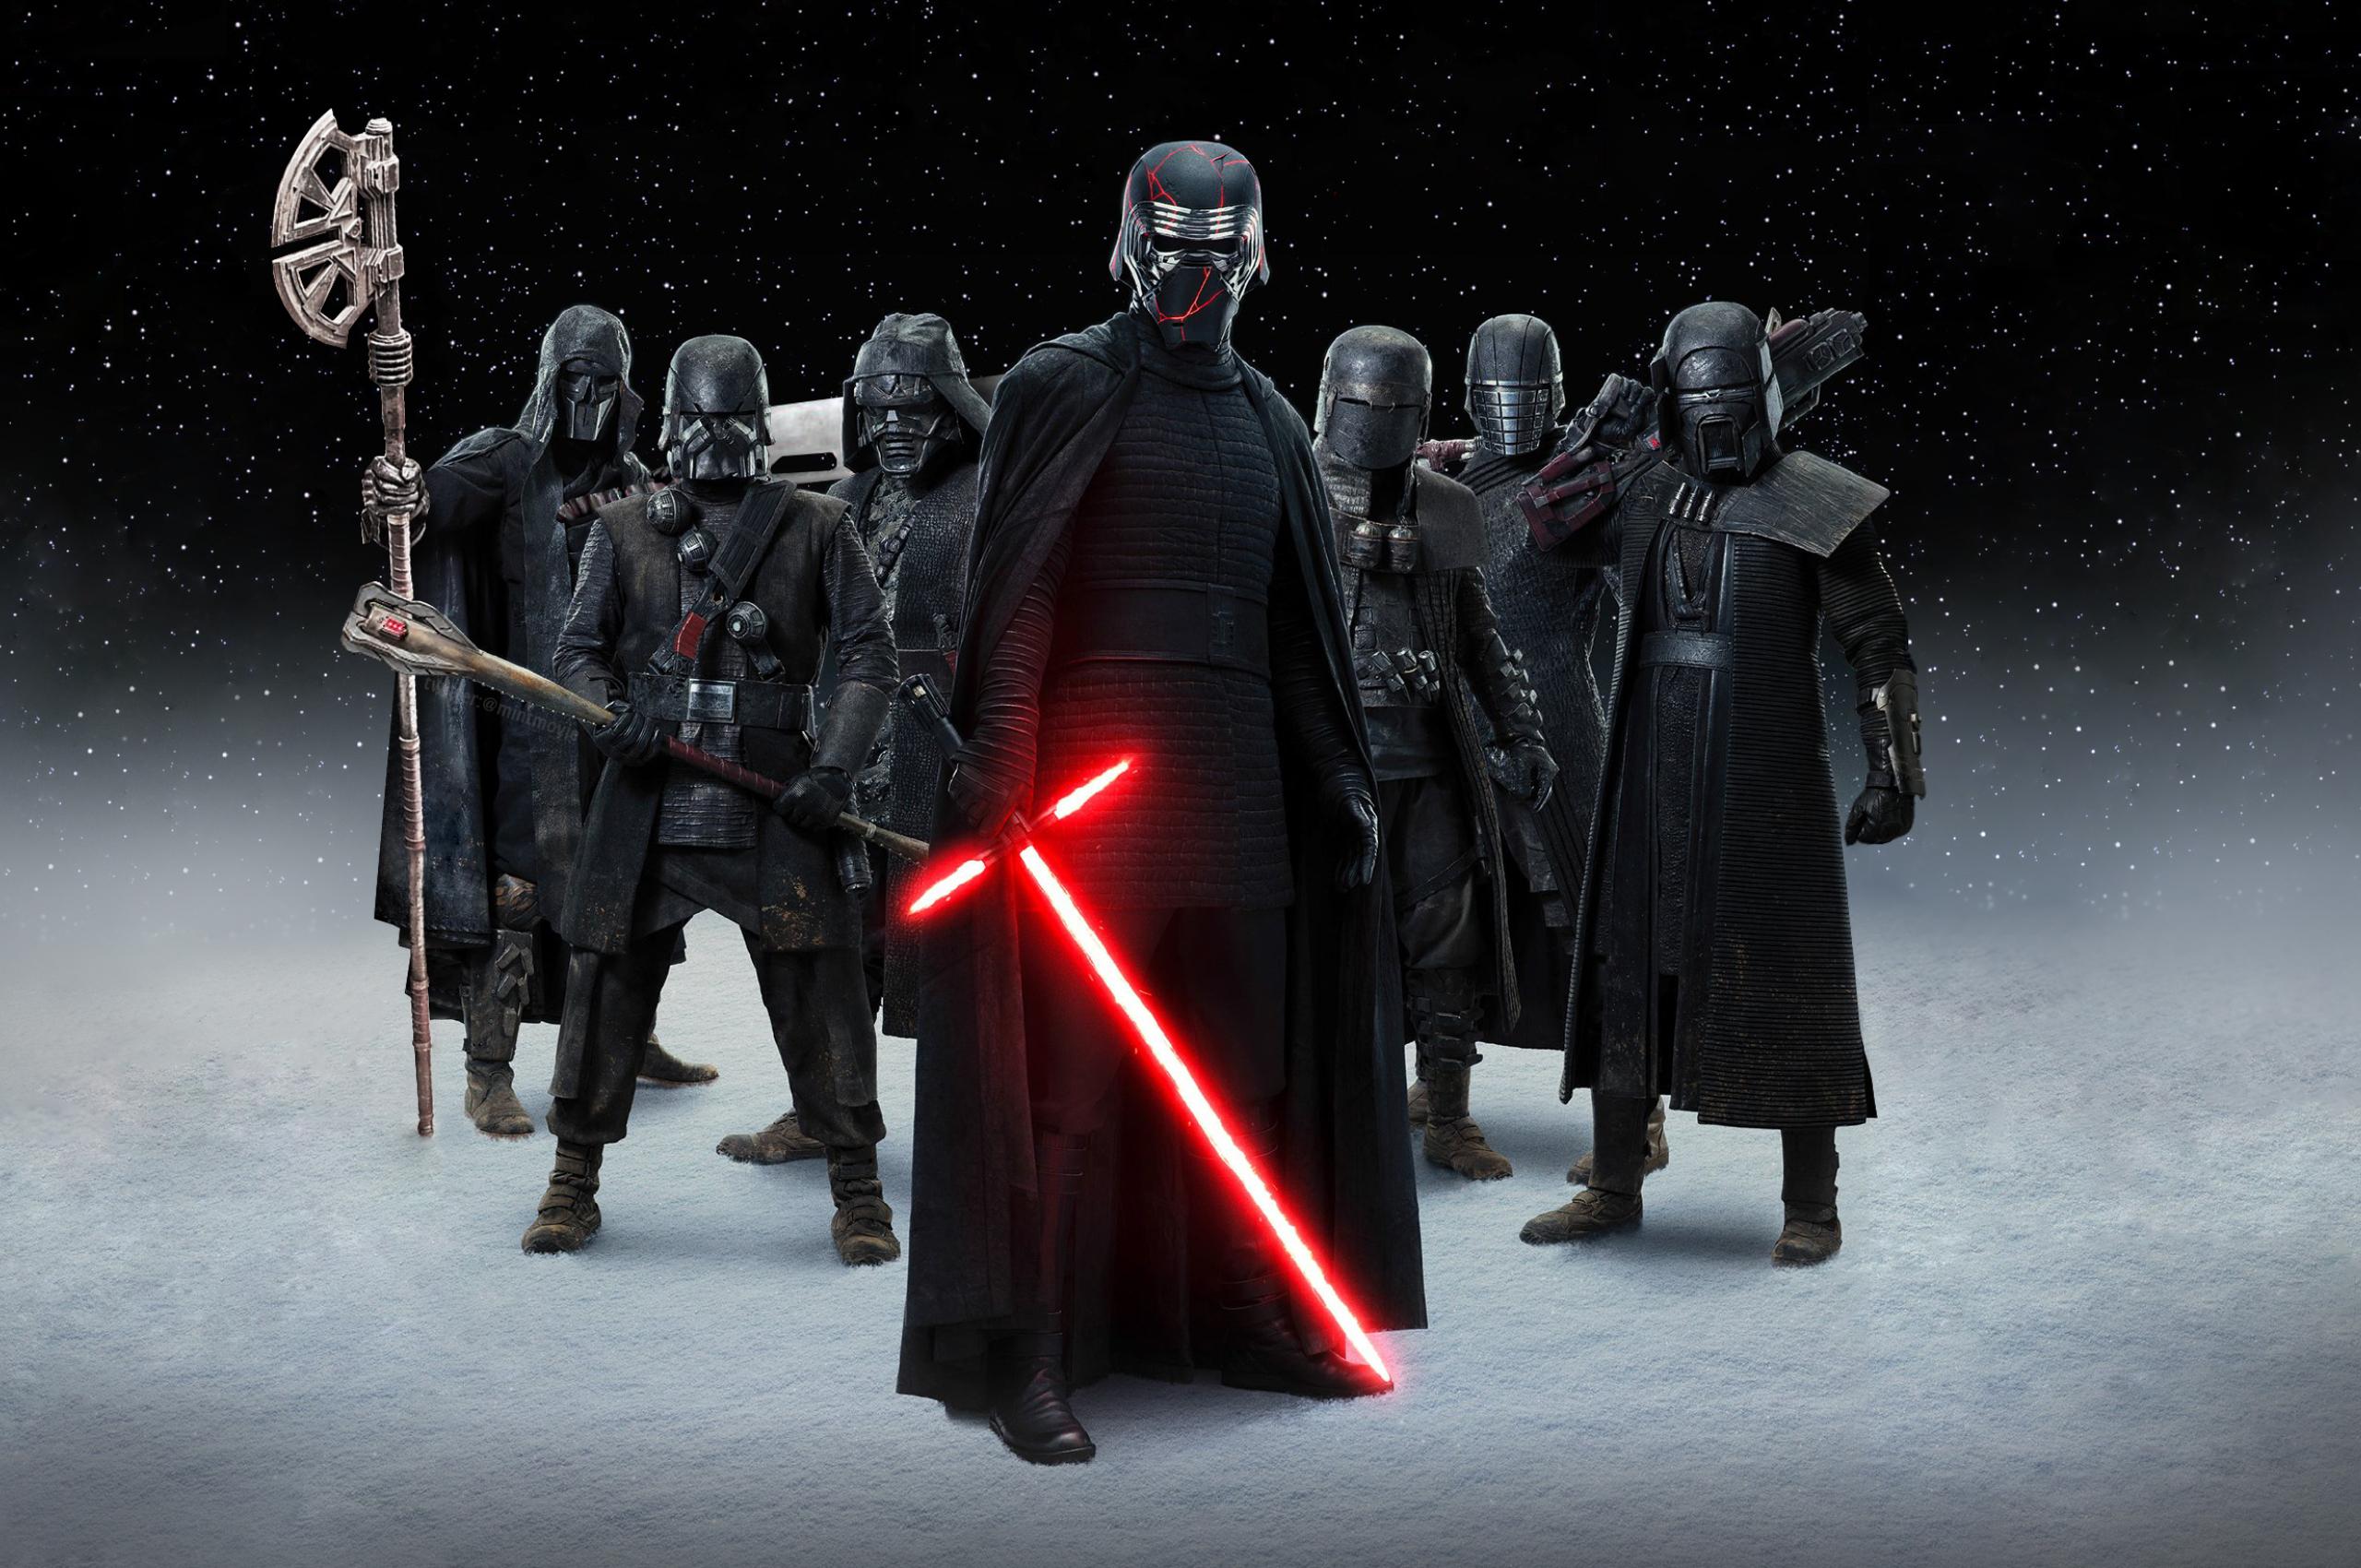 knights of ren star